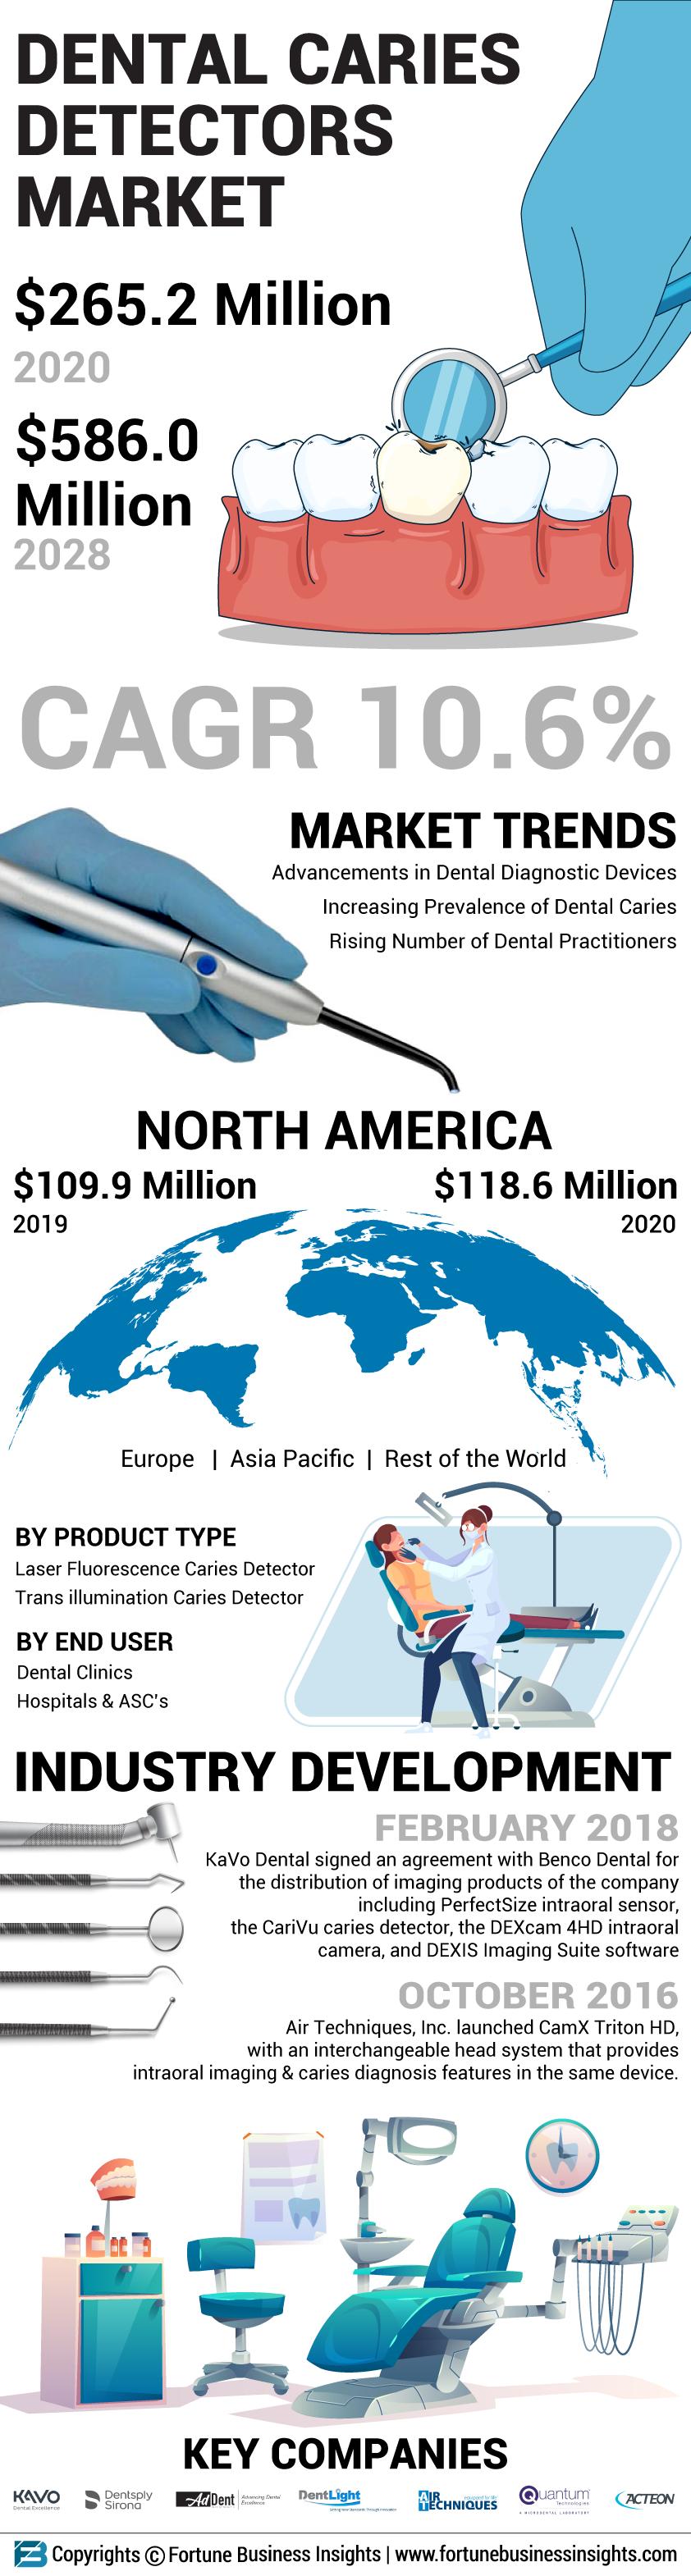 Dental Caries Detectors Market